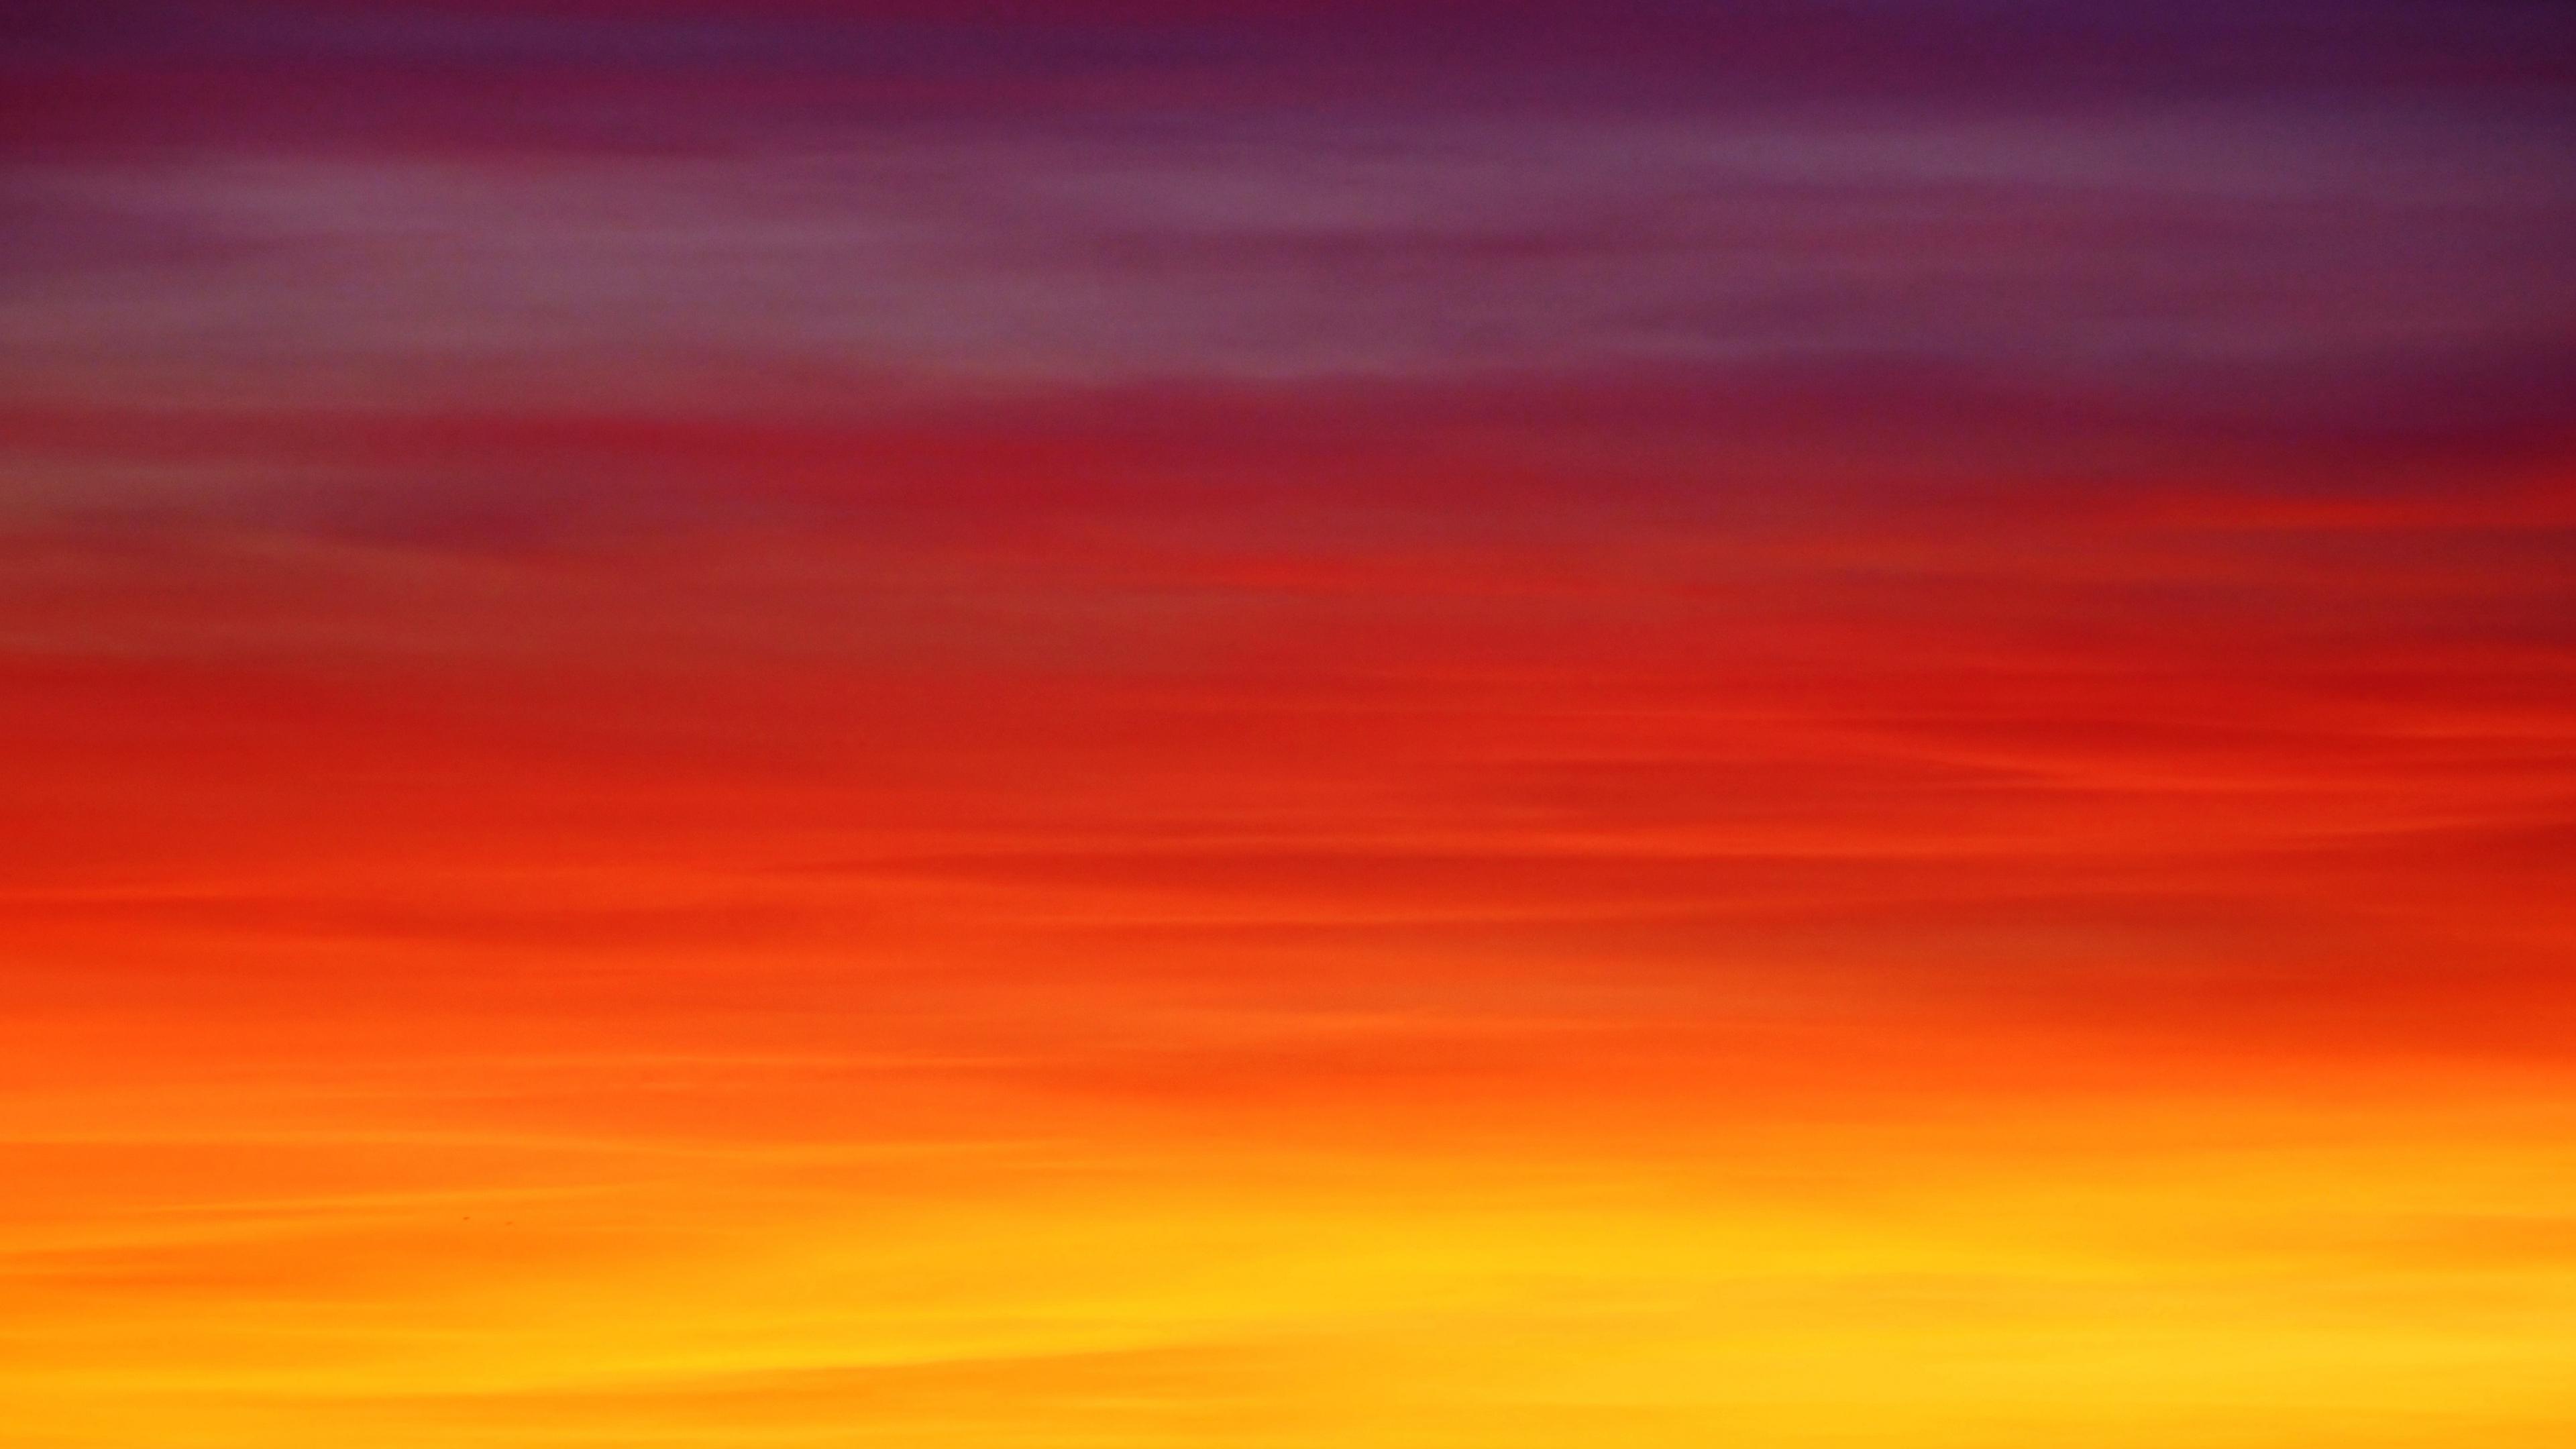 sky bright gradient 4k 1541117847 - sky, bright, gradient 4k - Sky, Gradient, Bright